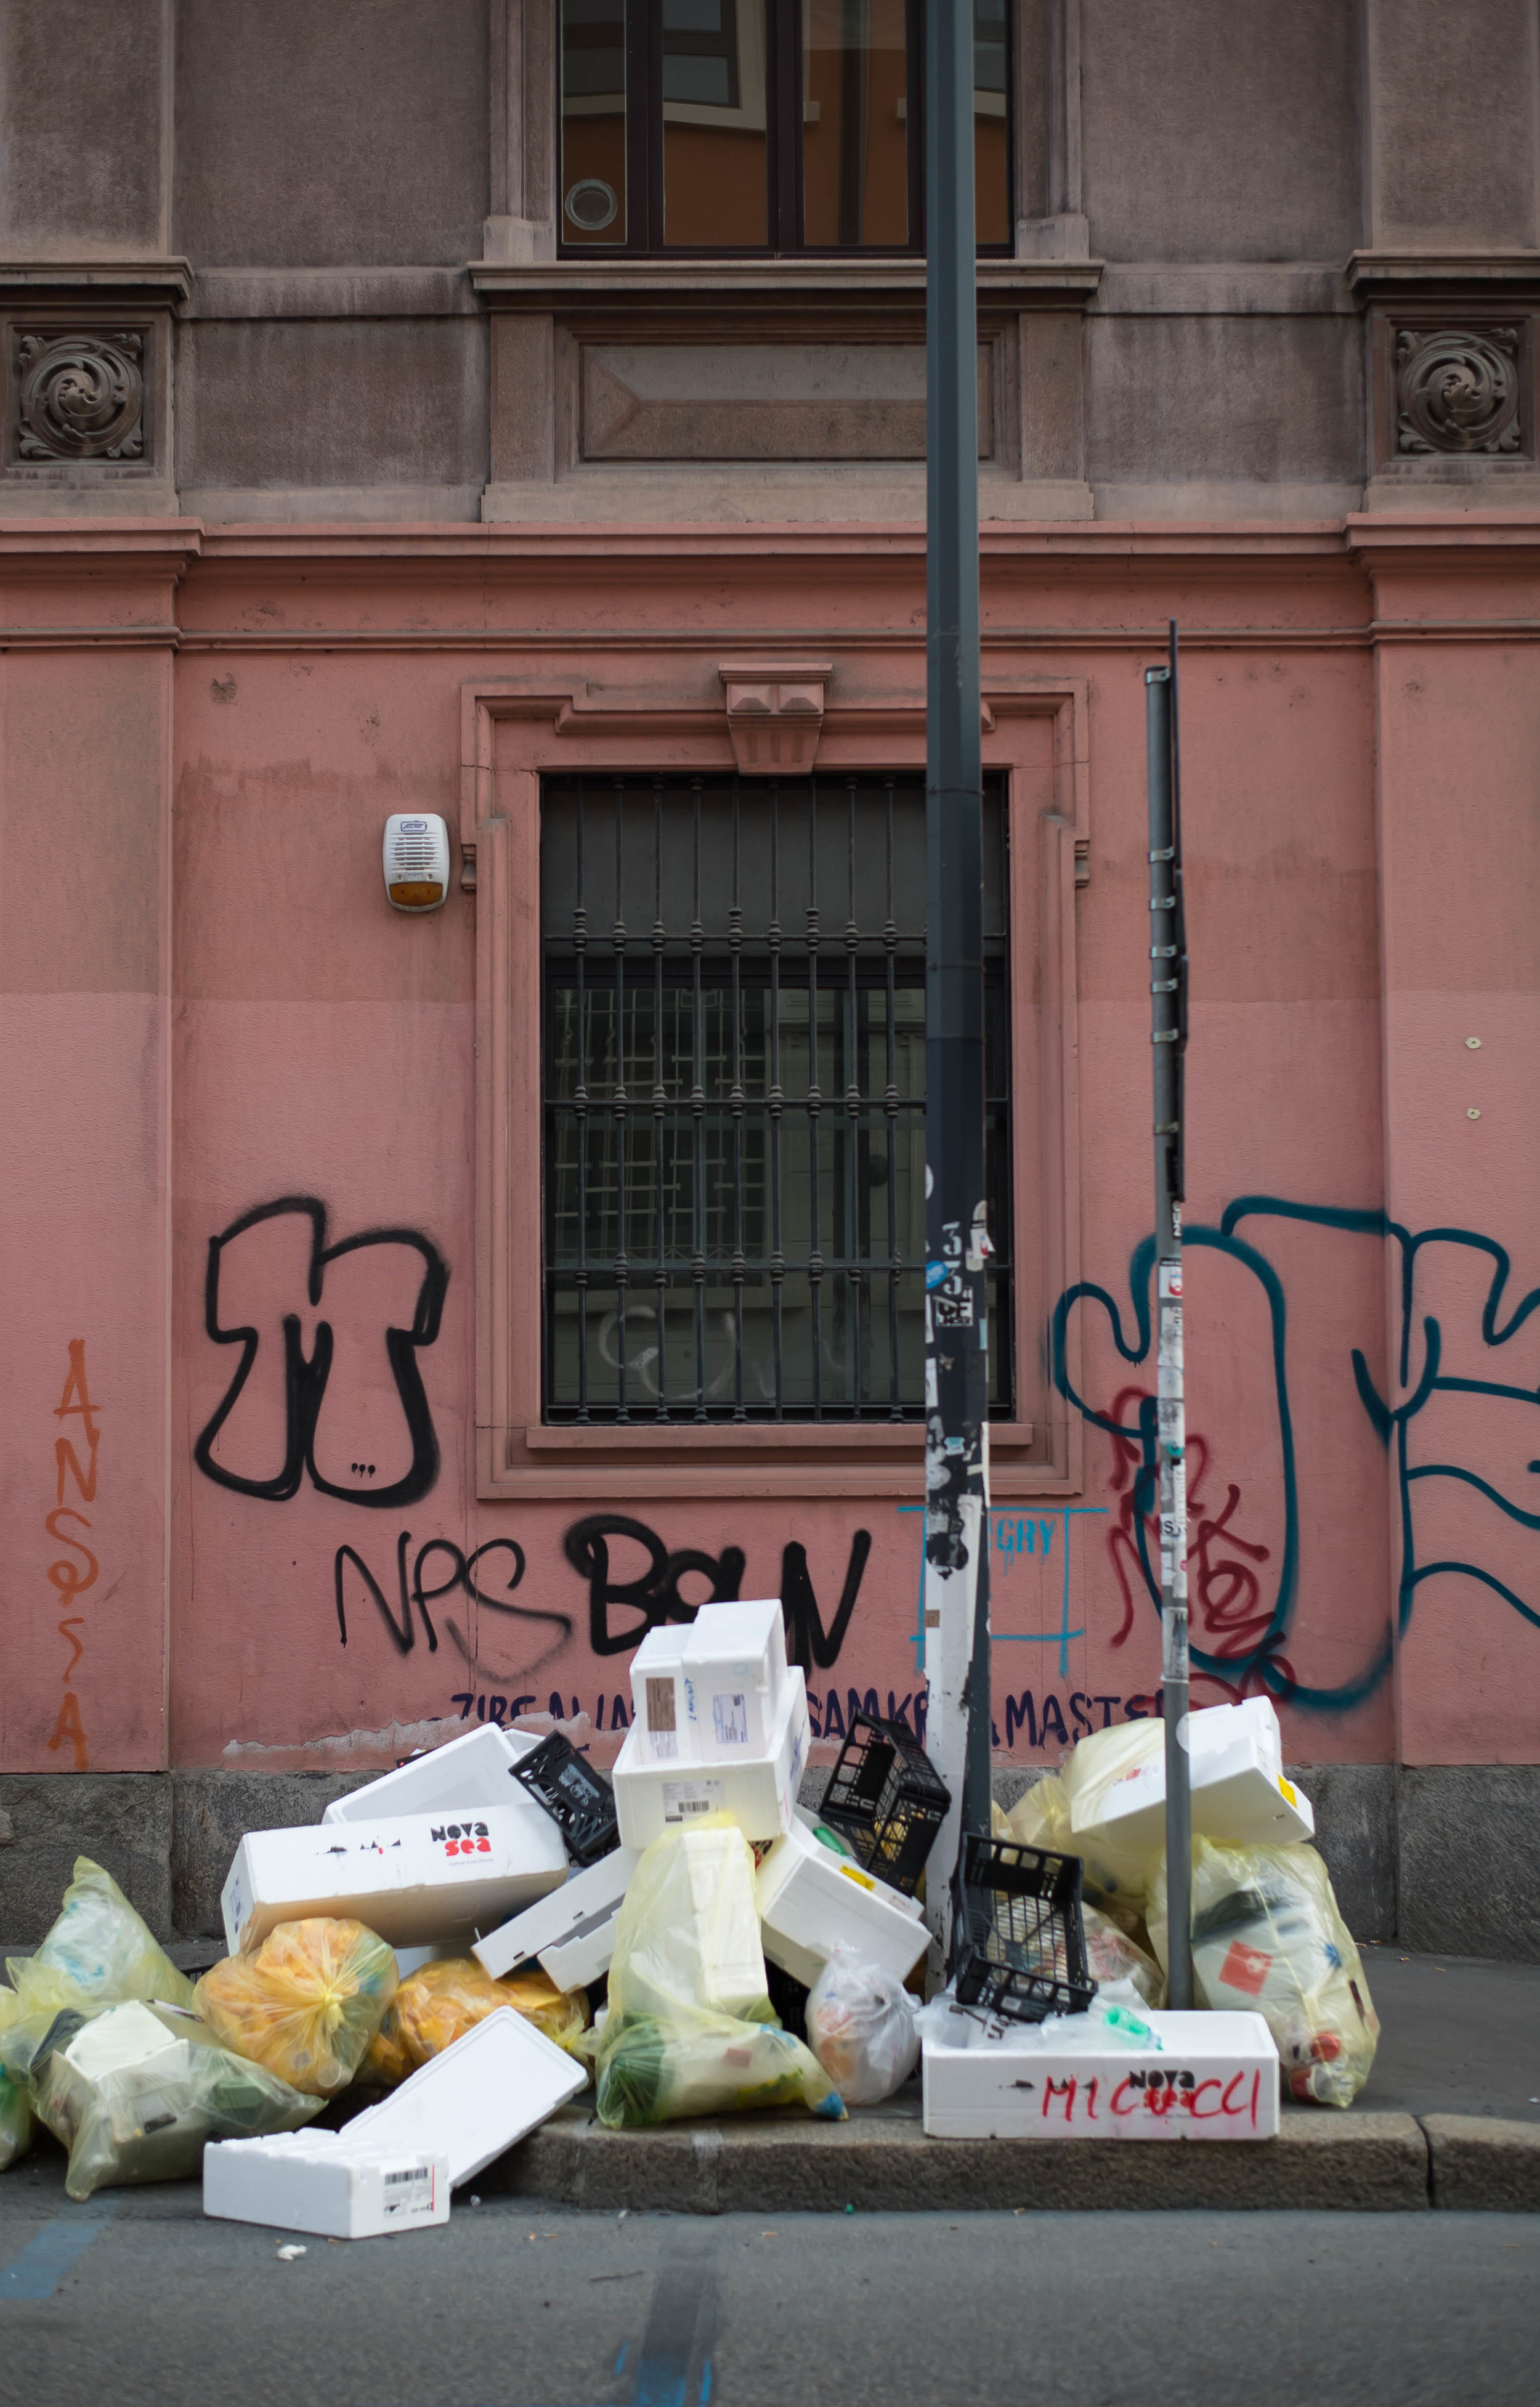 2015_10_24 milano_italia tortona garbage 1 V1.jpg